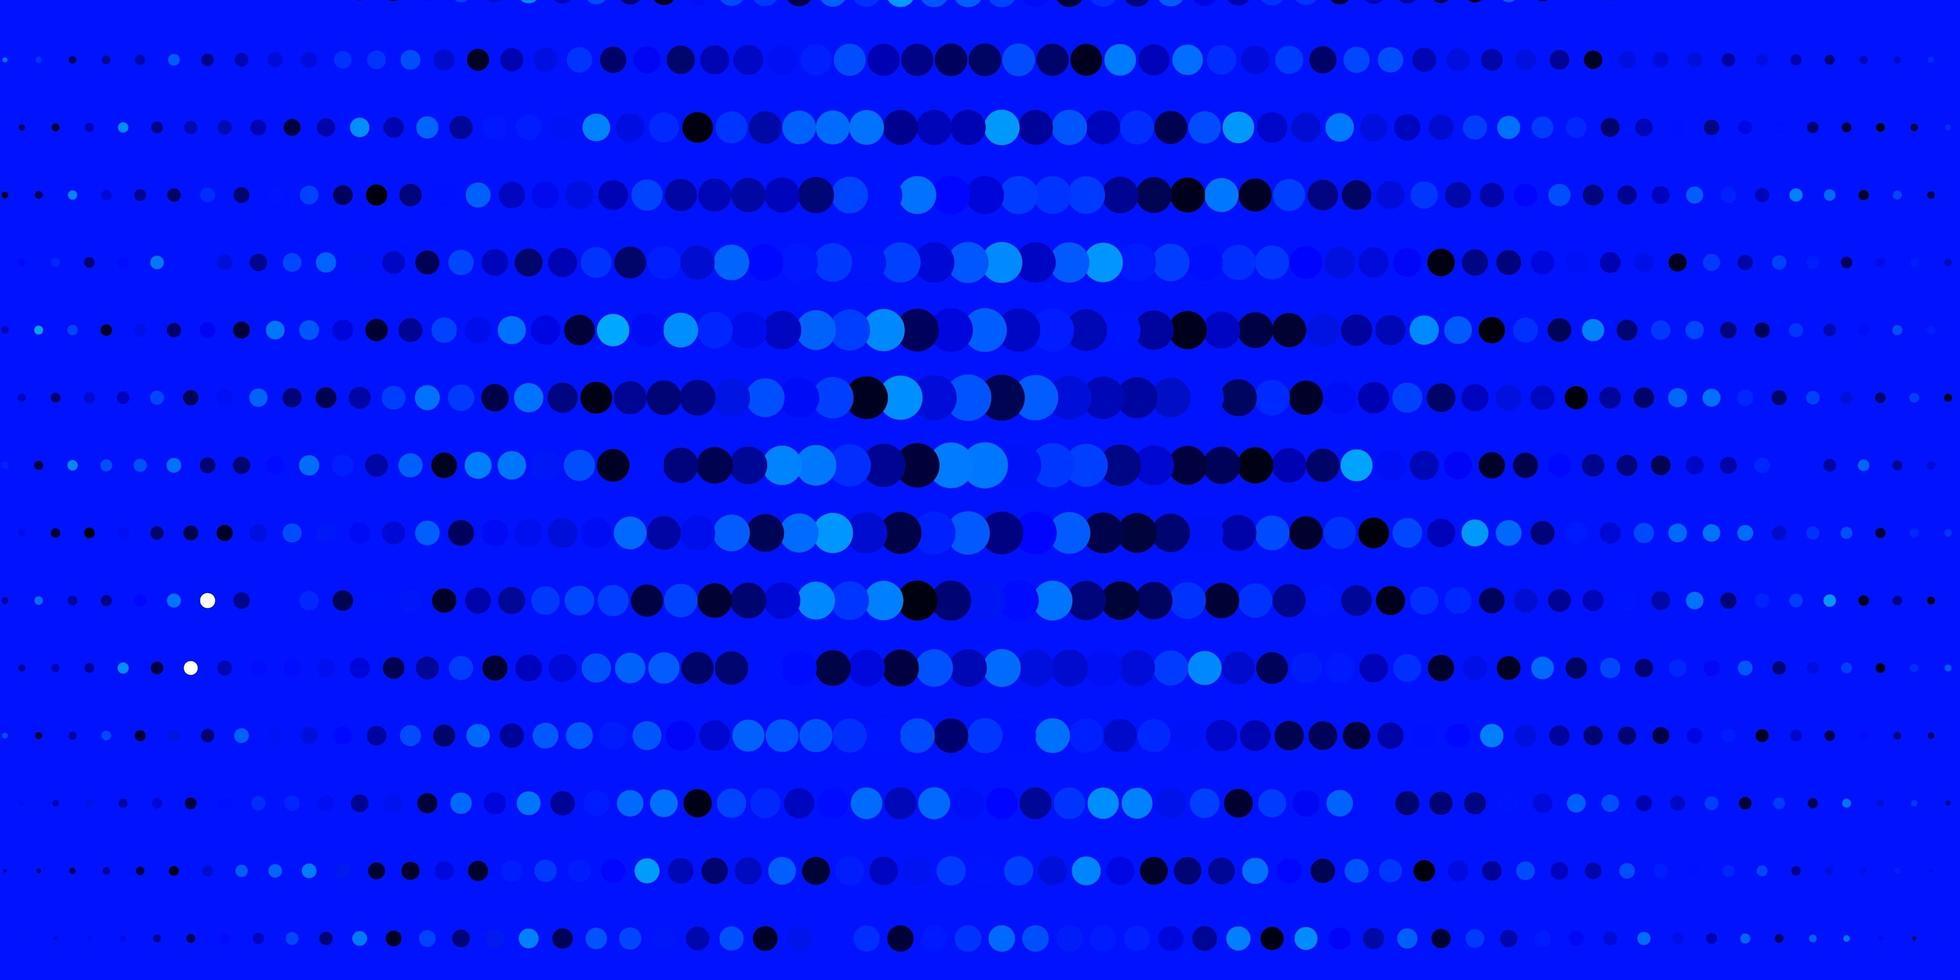 blå bakgrund med fläckar. vektor